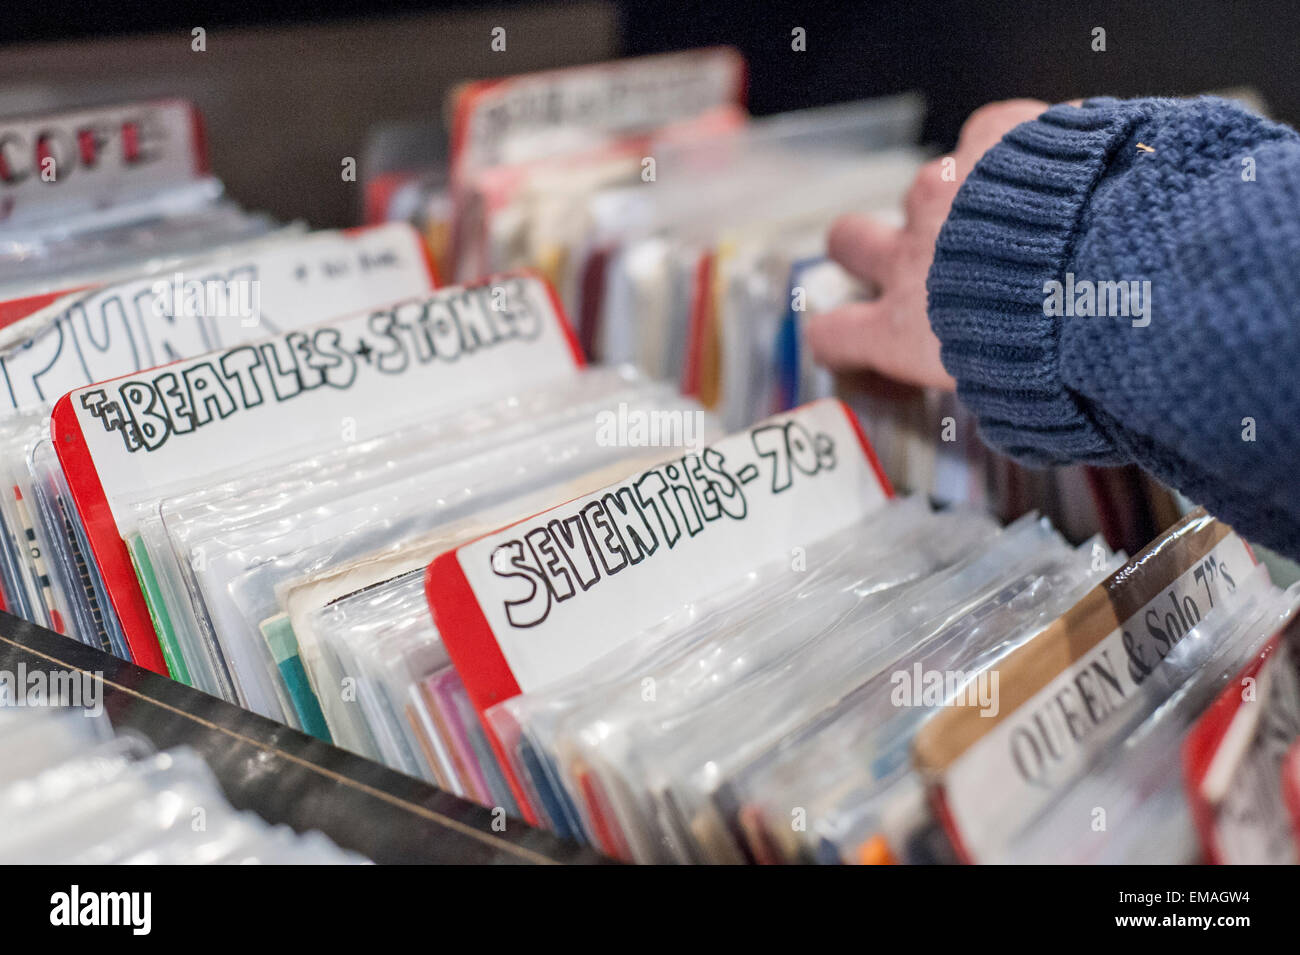 Londres, Reino Unido. 18 de abril de 2015. 70 Música en venta como los amantes de la música de vinilo Imagen De Stock